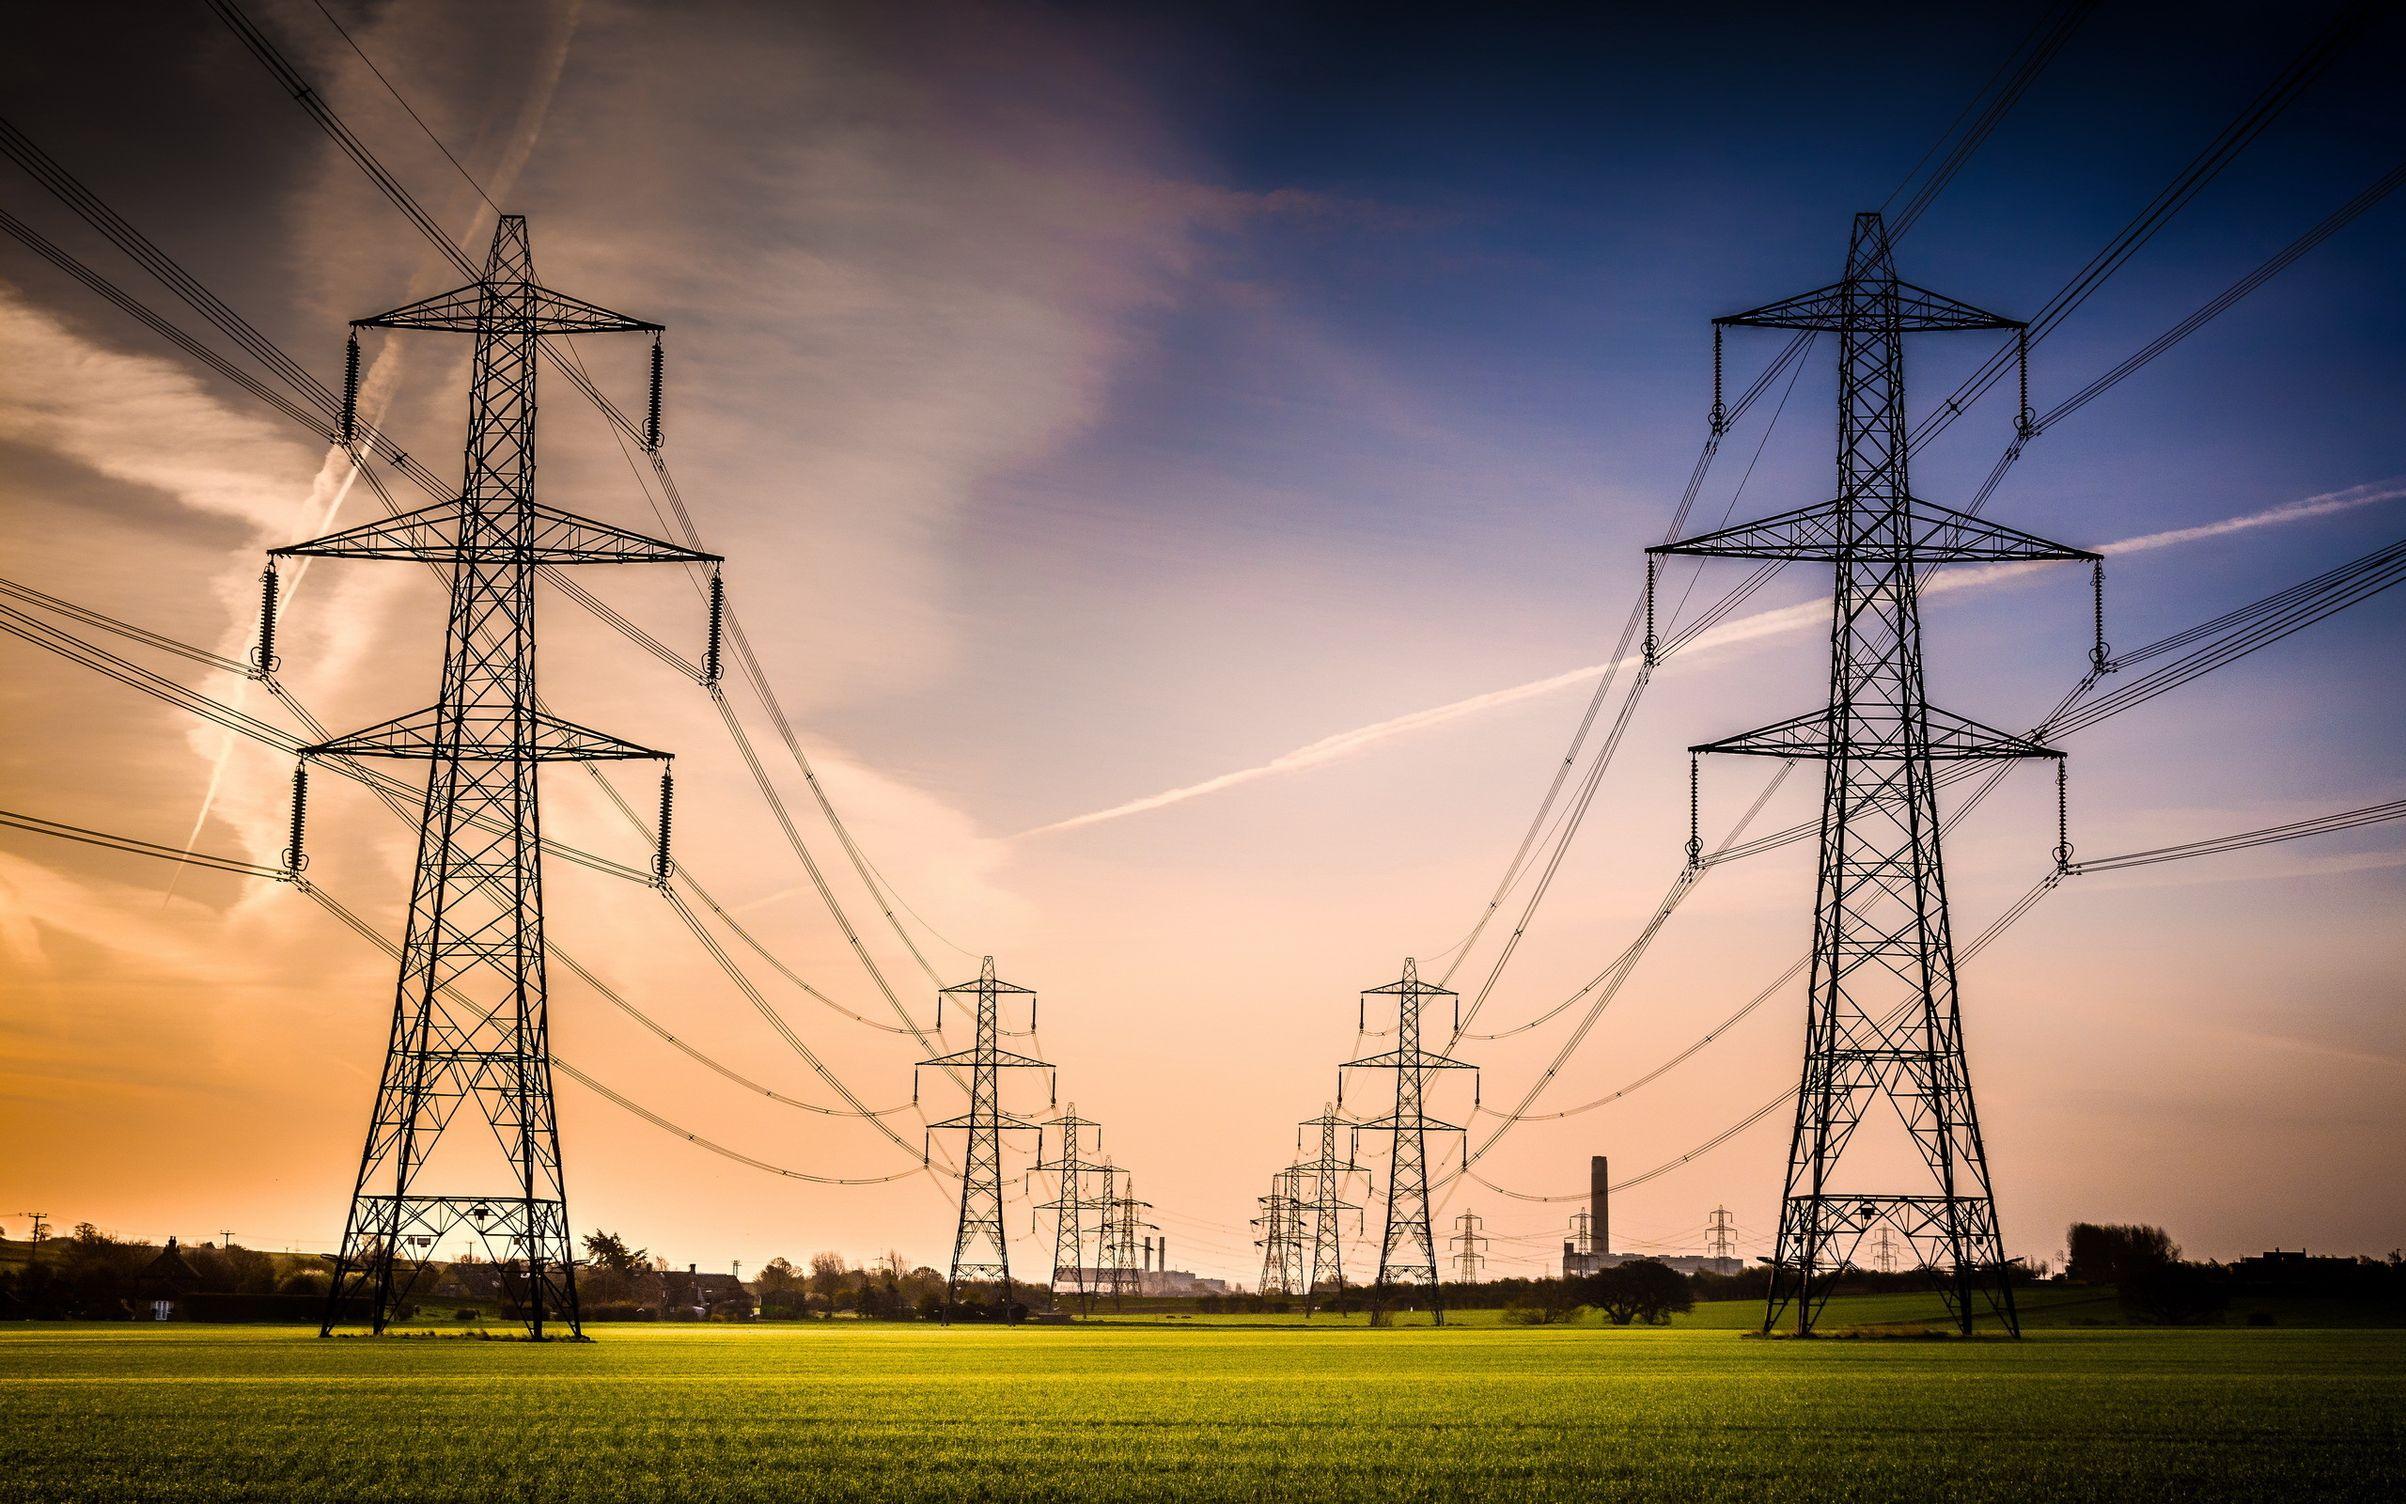 доходы от экспорта энергии